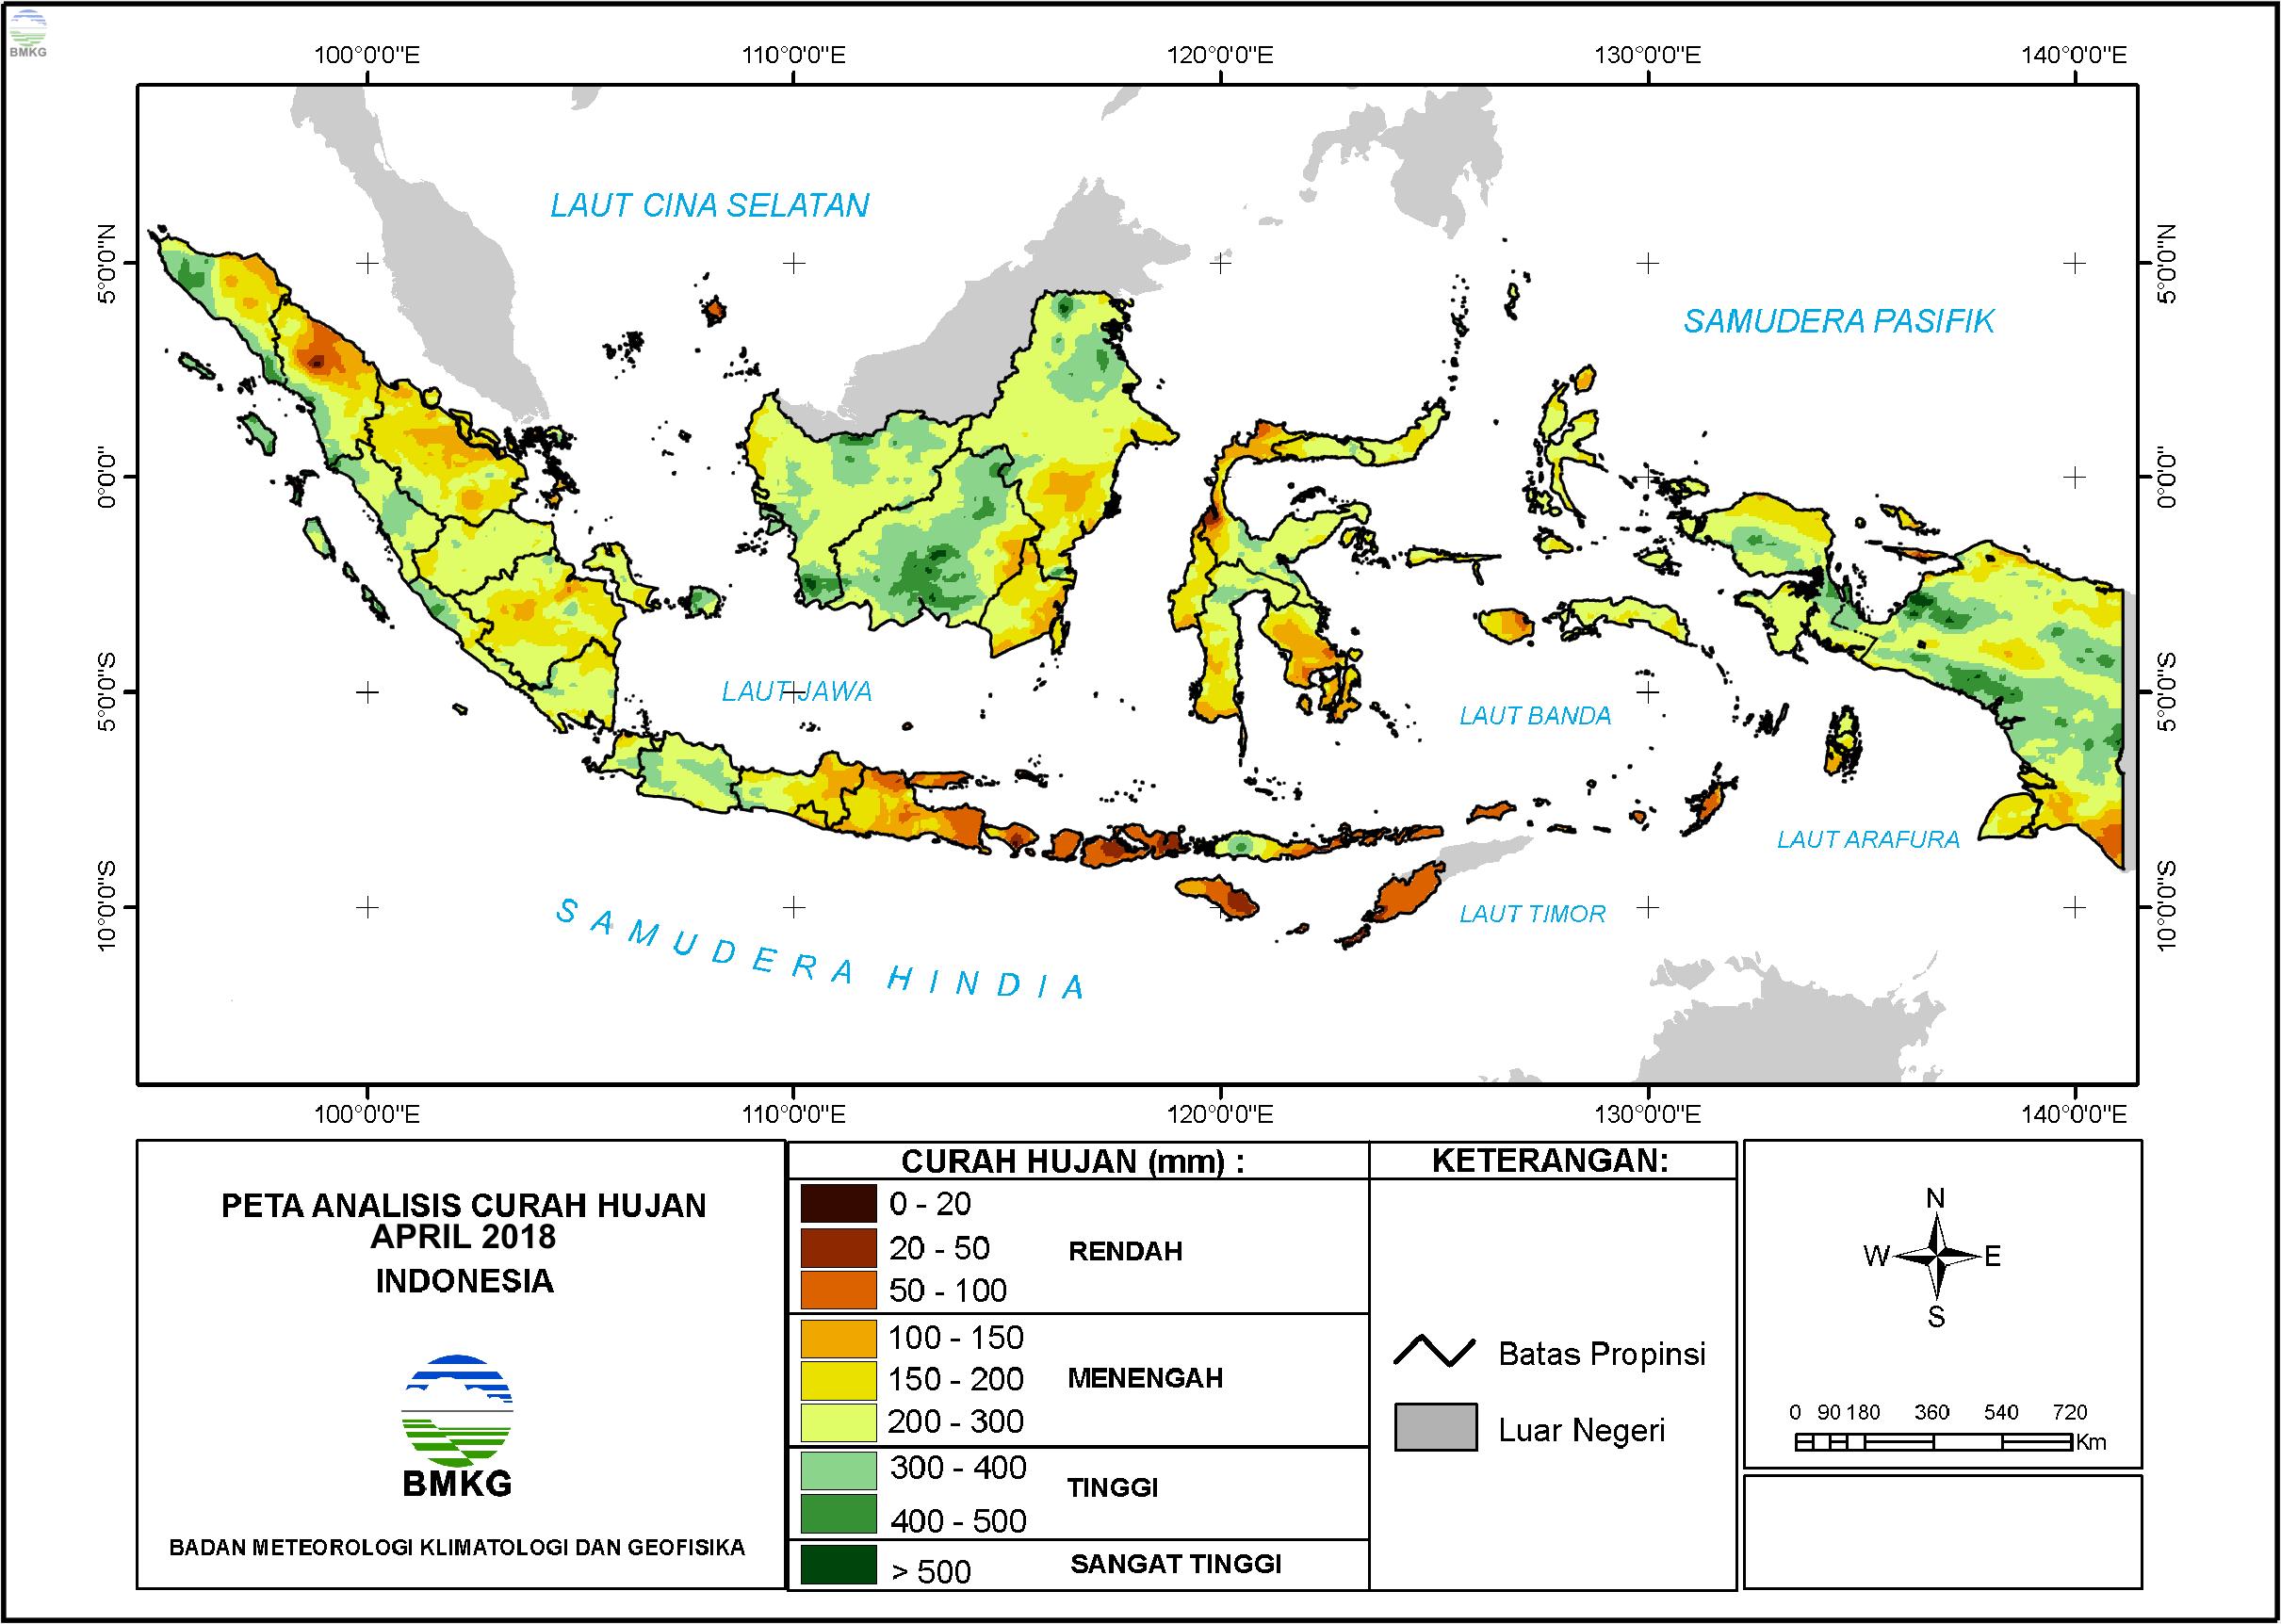 Analisis Curah Hujan dan Sifat Hujan Bulan April 2018